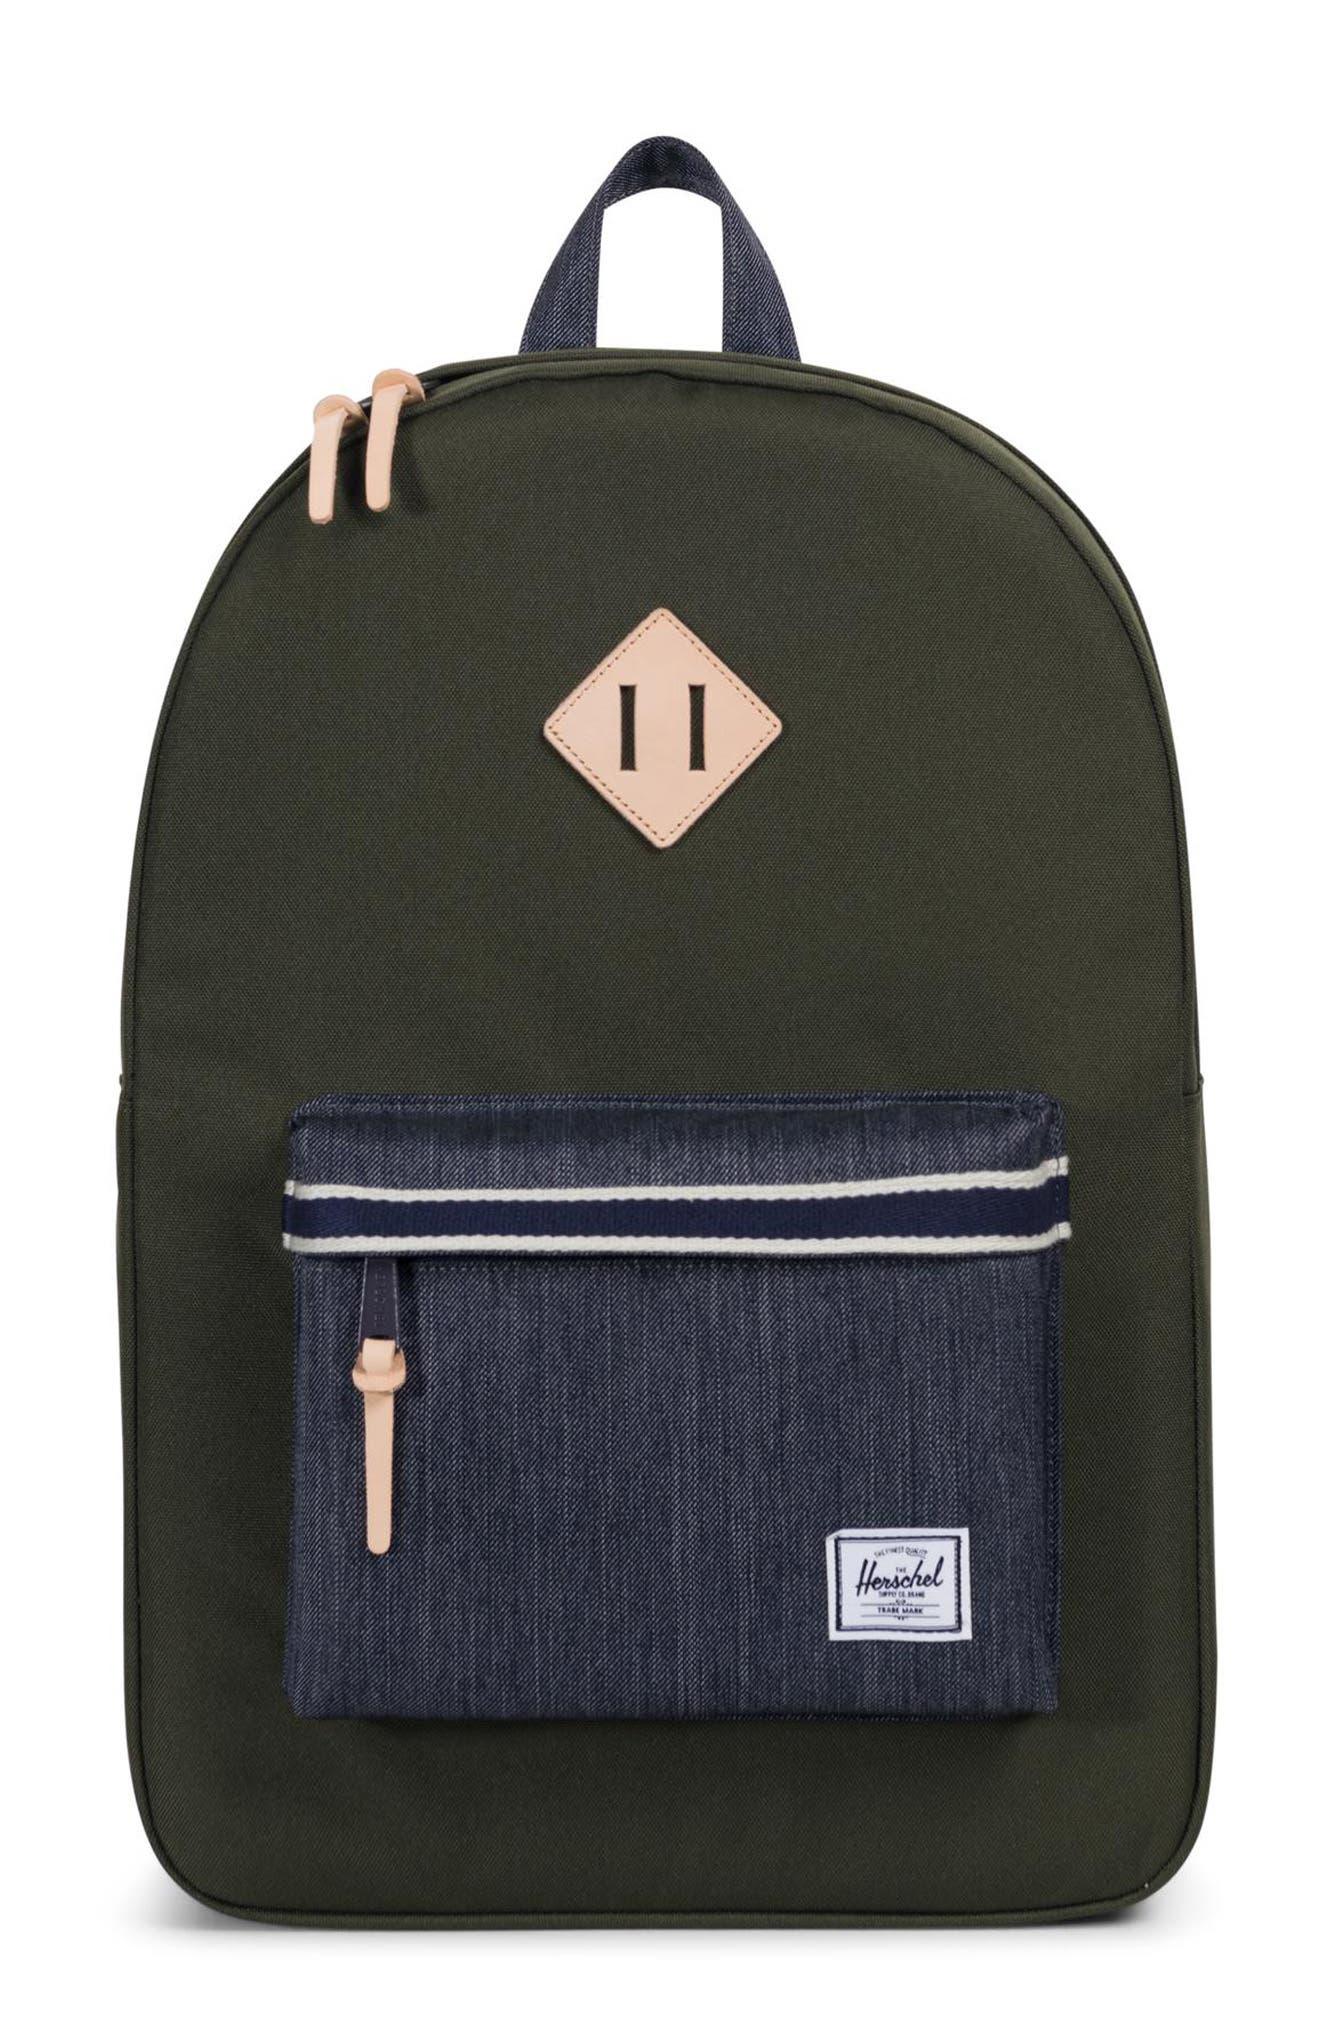 Heritage Offset Denim Backpack,                         Main,                         color, FOREST NIGHT/ DARK DENIM